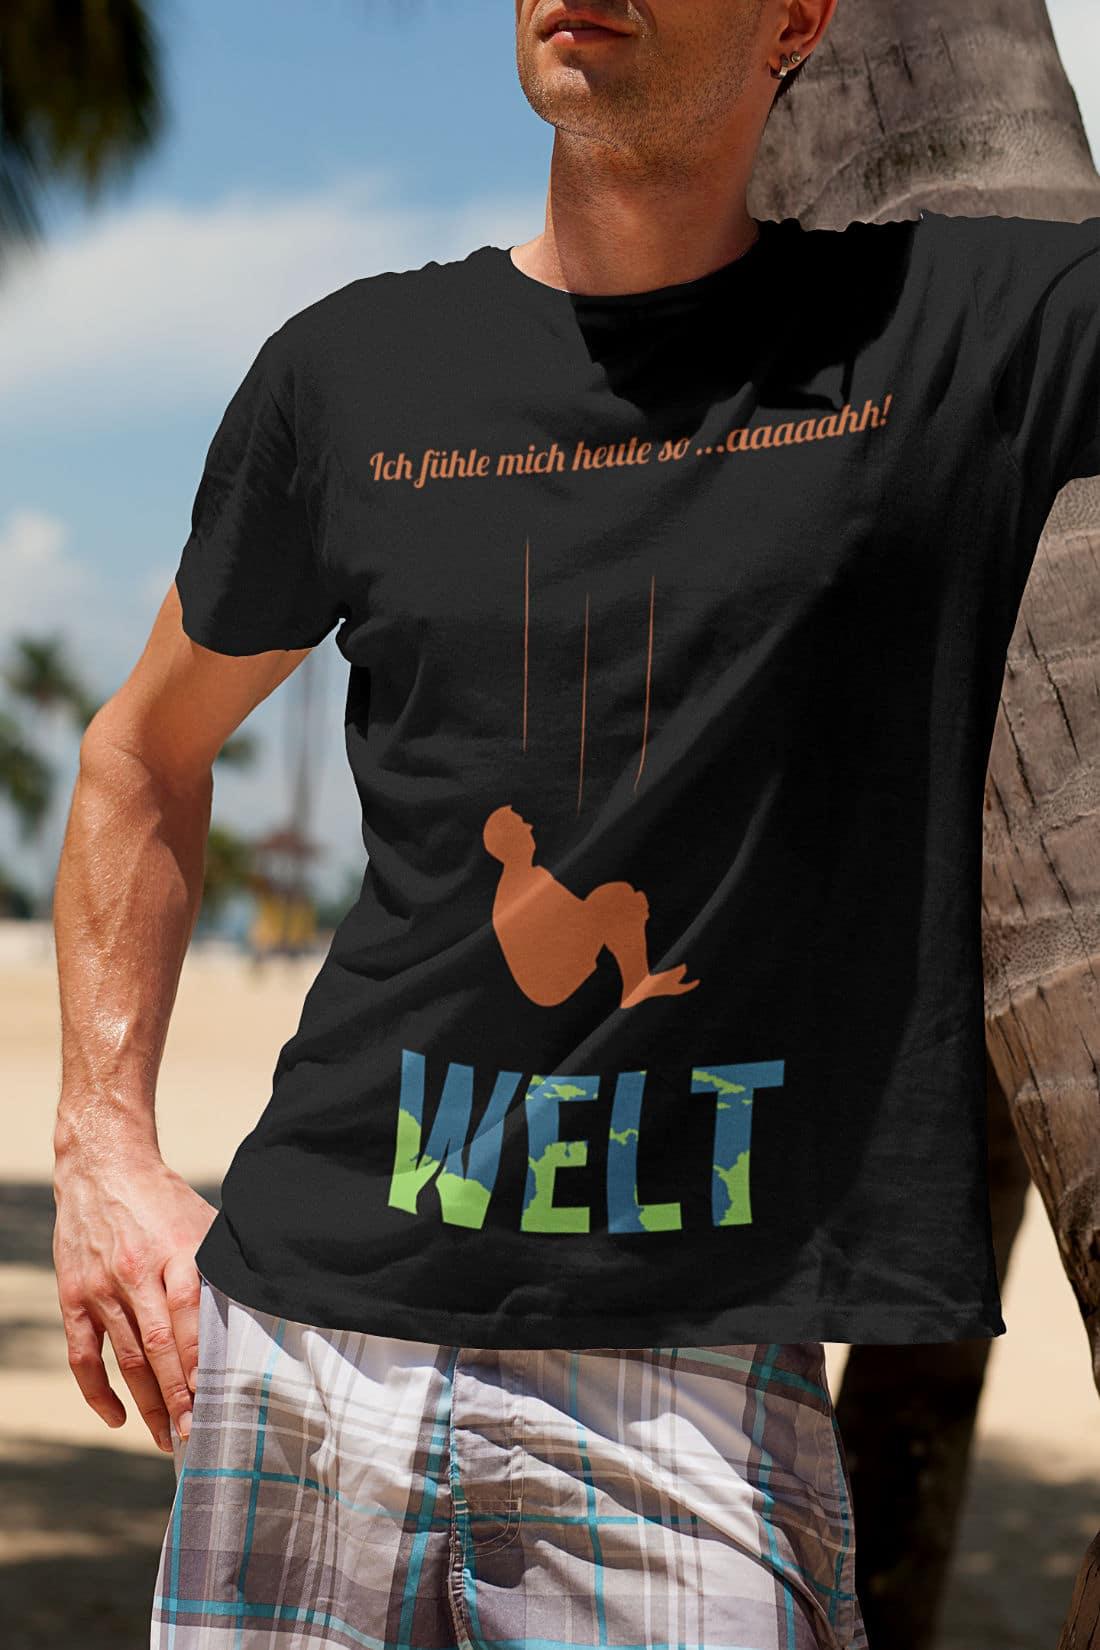 Slide-T-Shirts-Herren-Ich-fuehle-mich-heute-so-aaaaahh